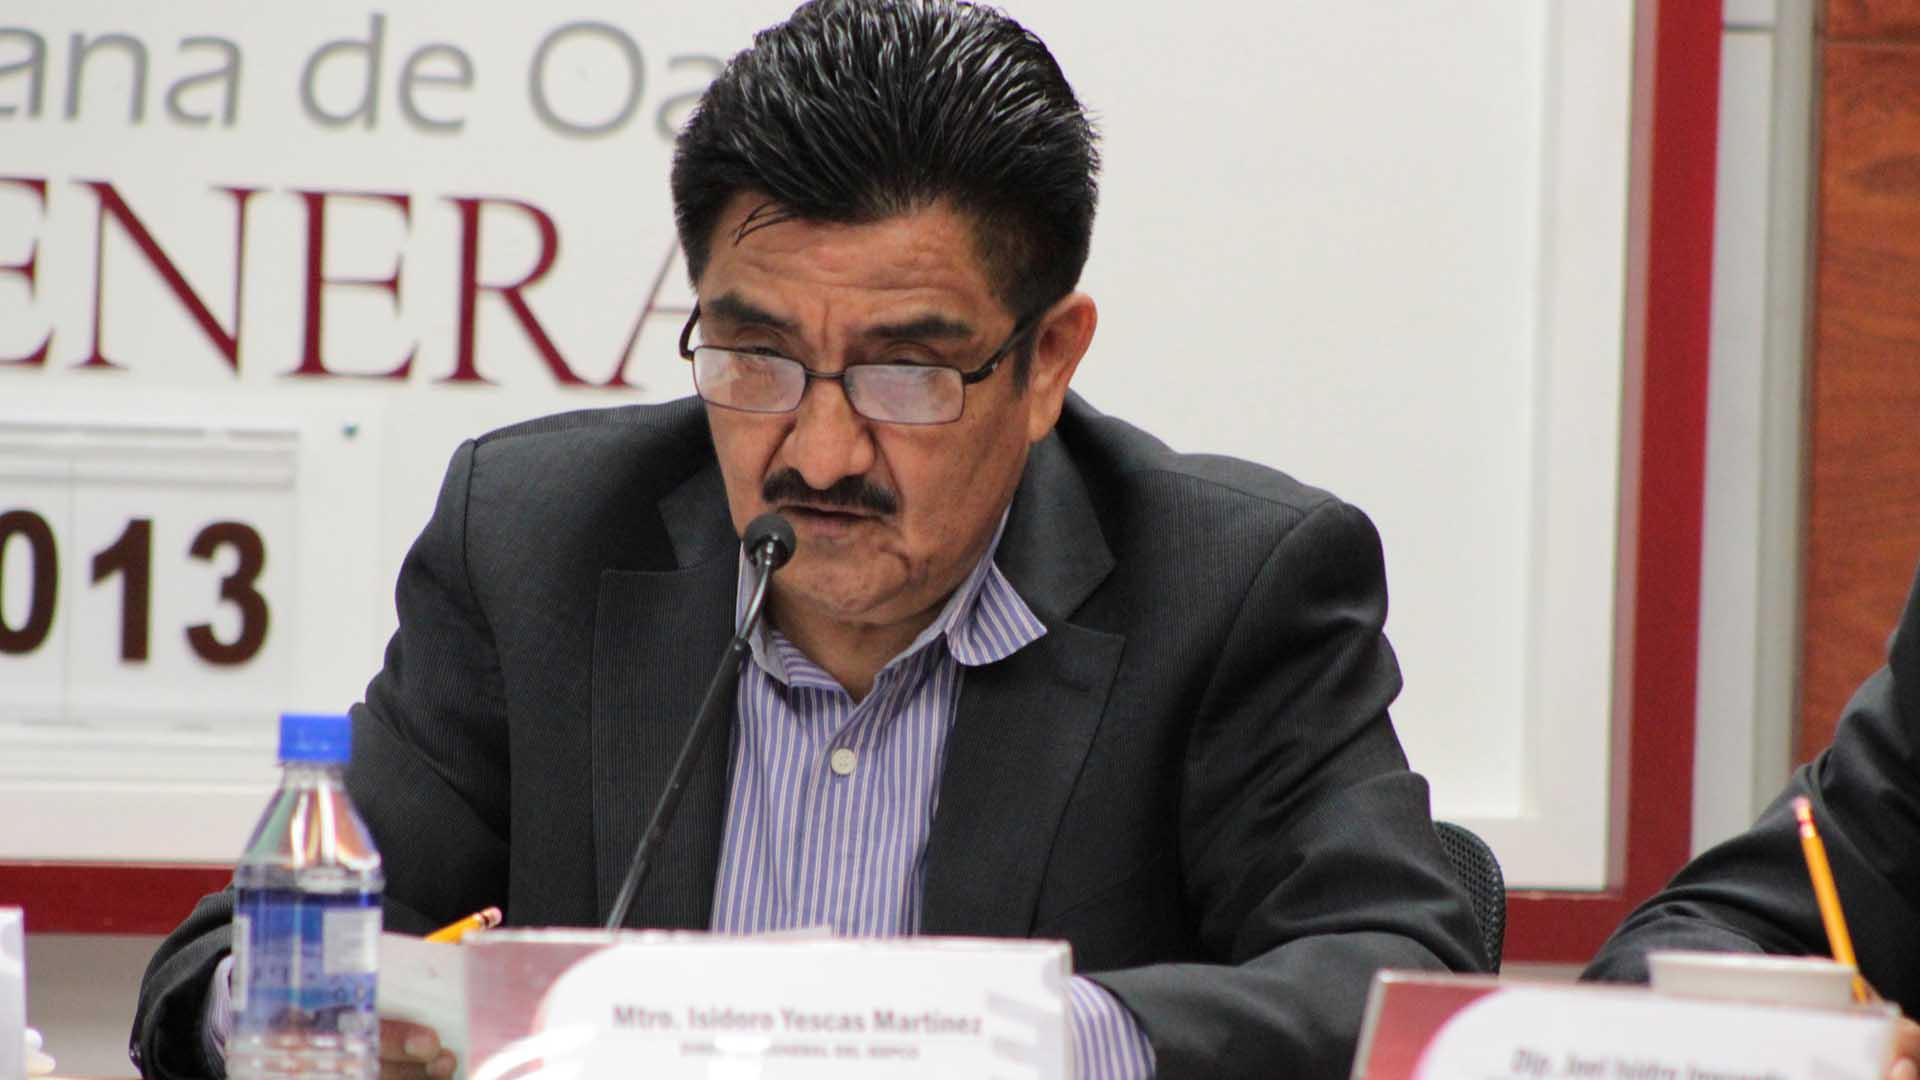 Tras relegarlo, hoy regresa Isidoro Yescas al Consejo General del OPLE-IEEPCO